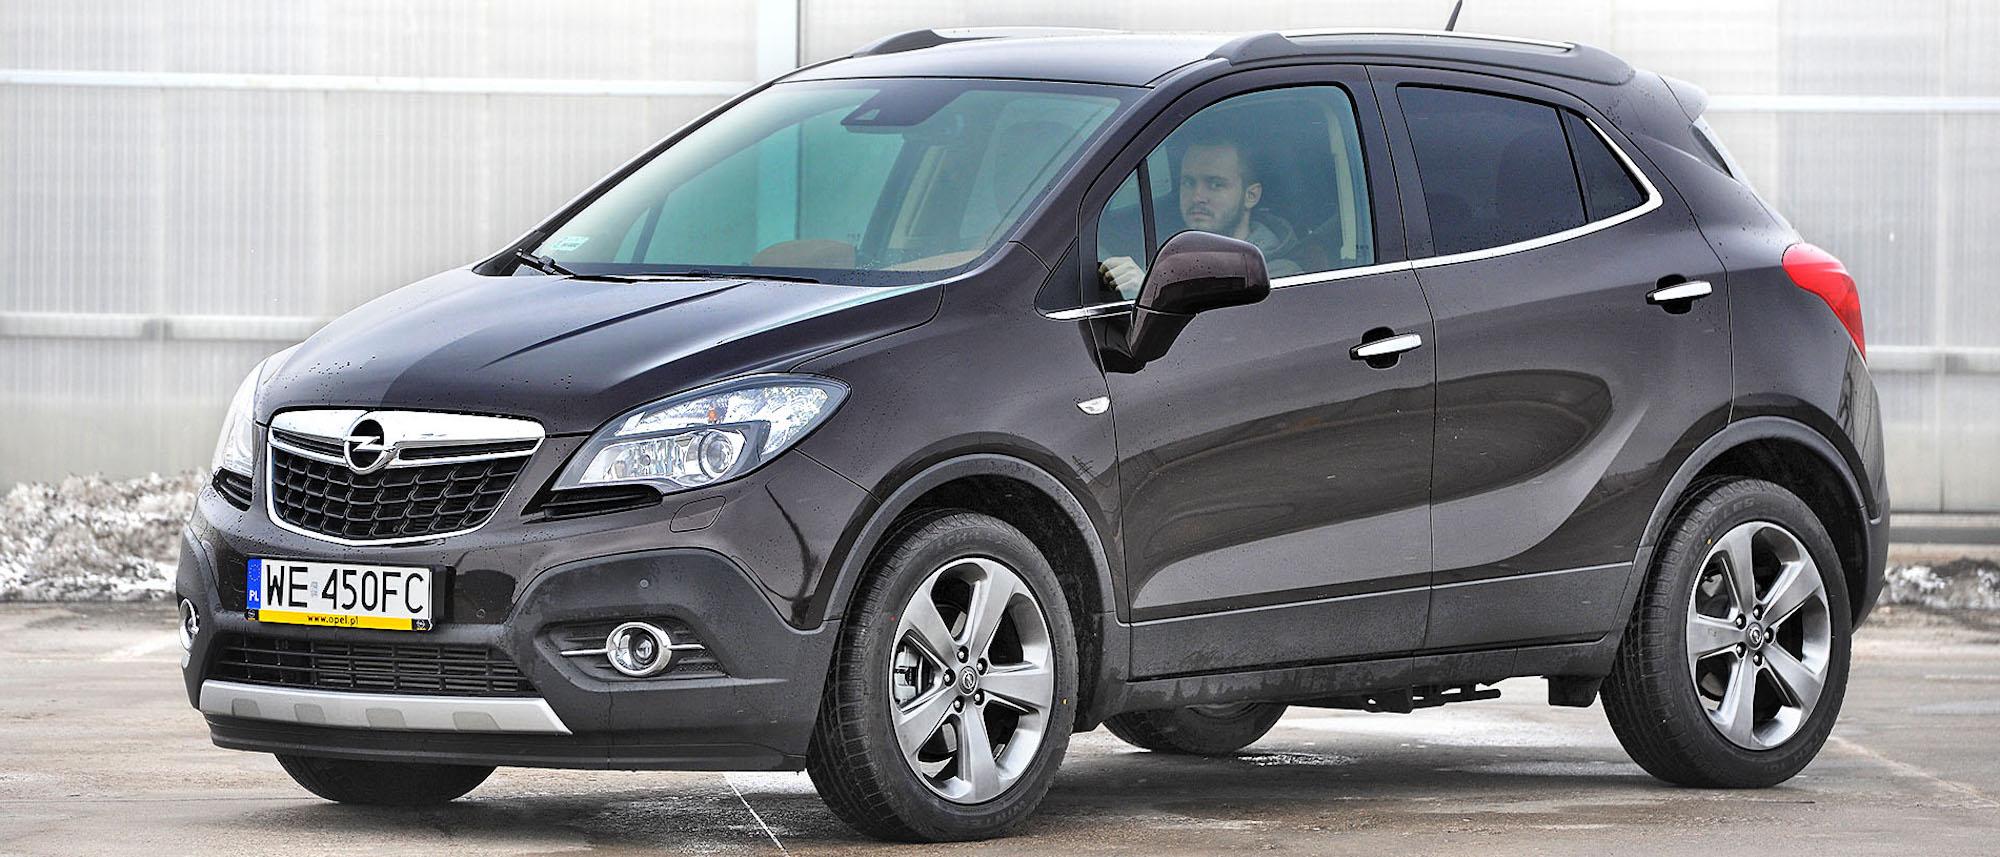 Opel Mokka I(2012-2019)